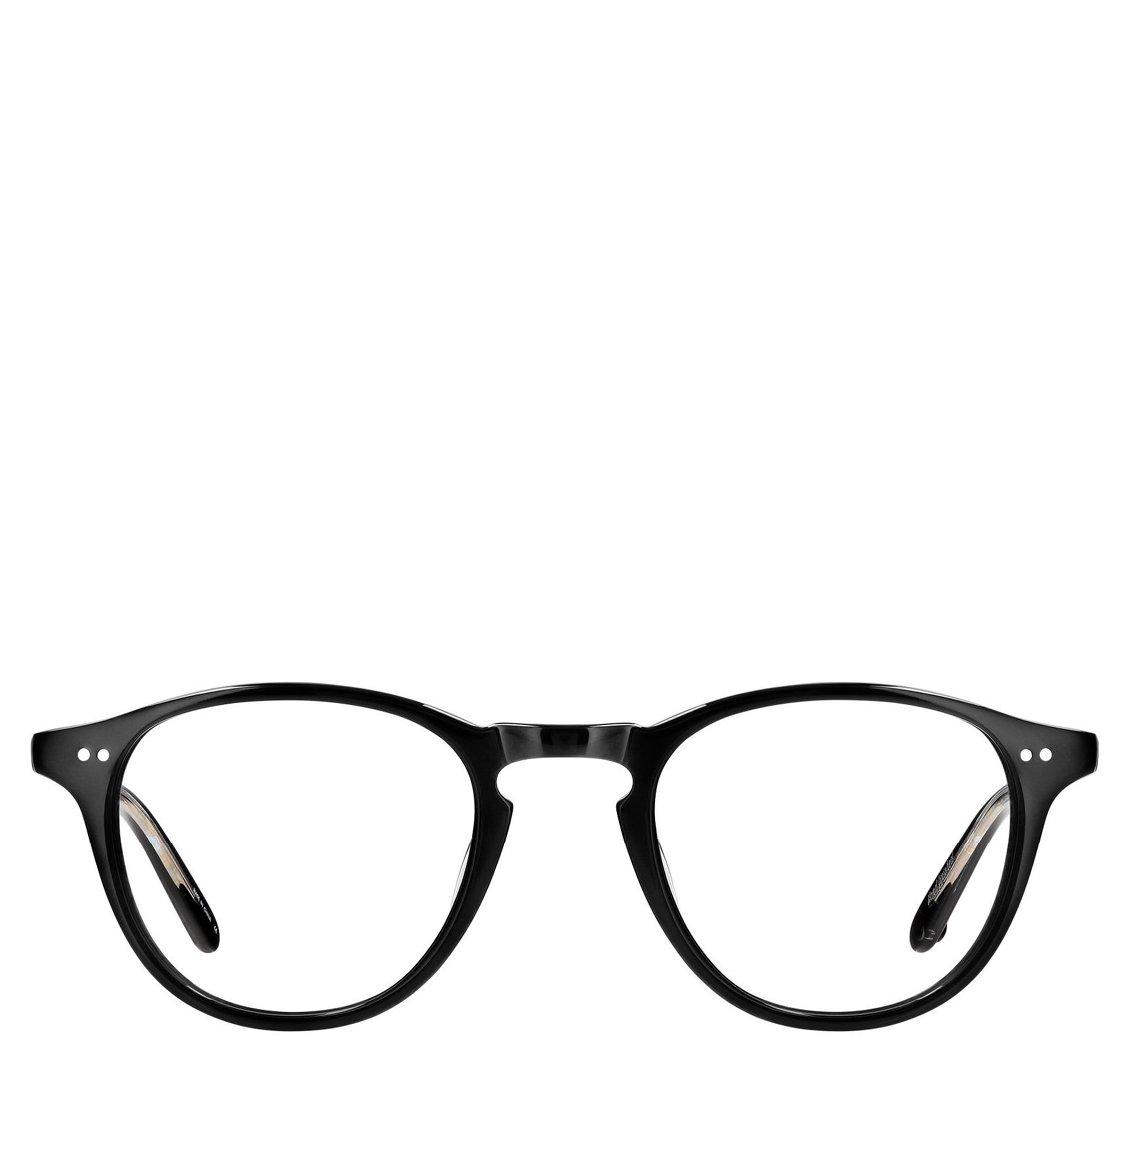 Garrett Leight Square Black Acetate Γυαλιά Οράσεως